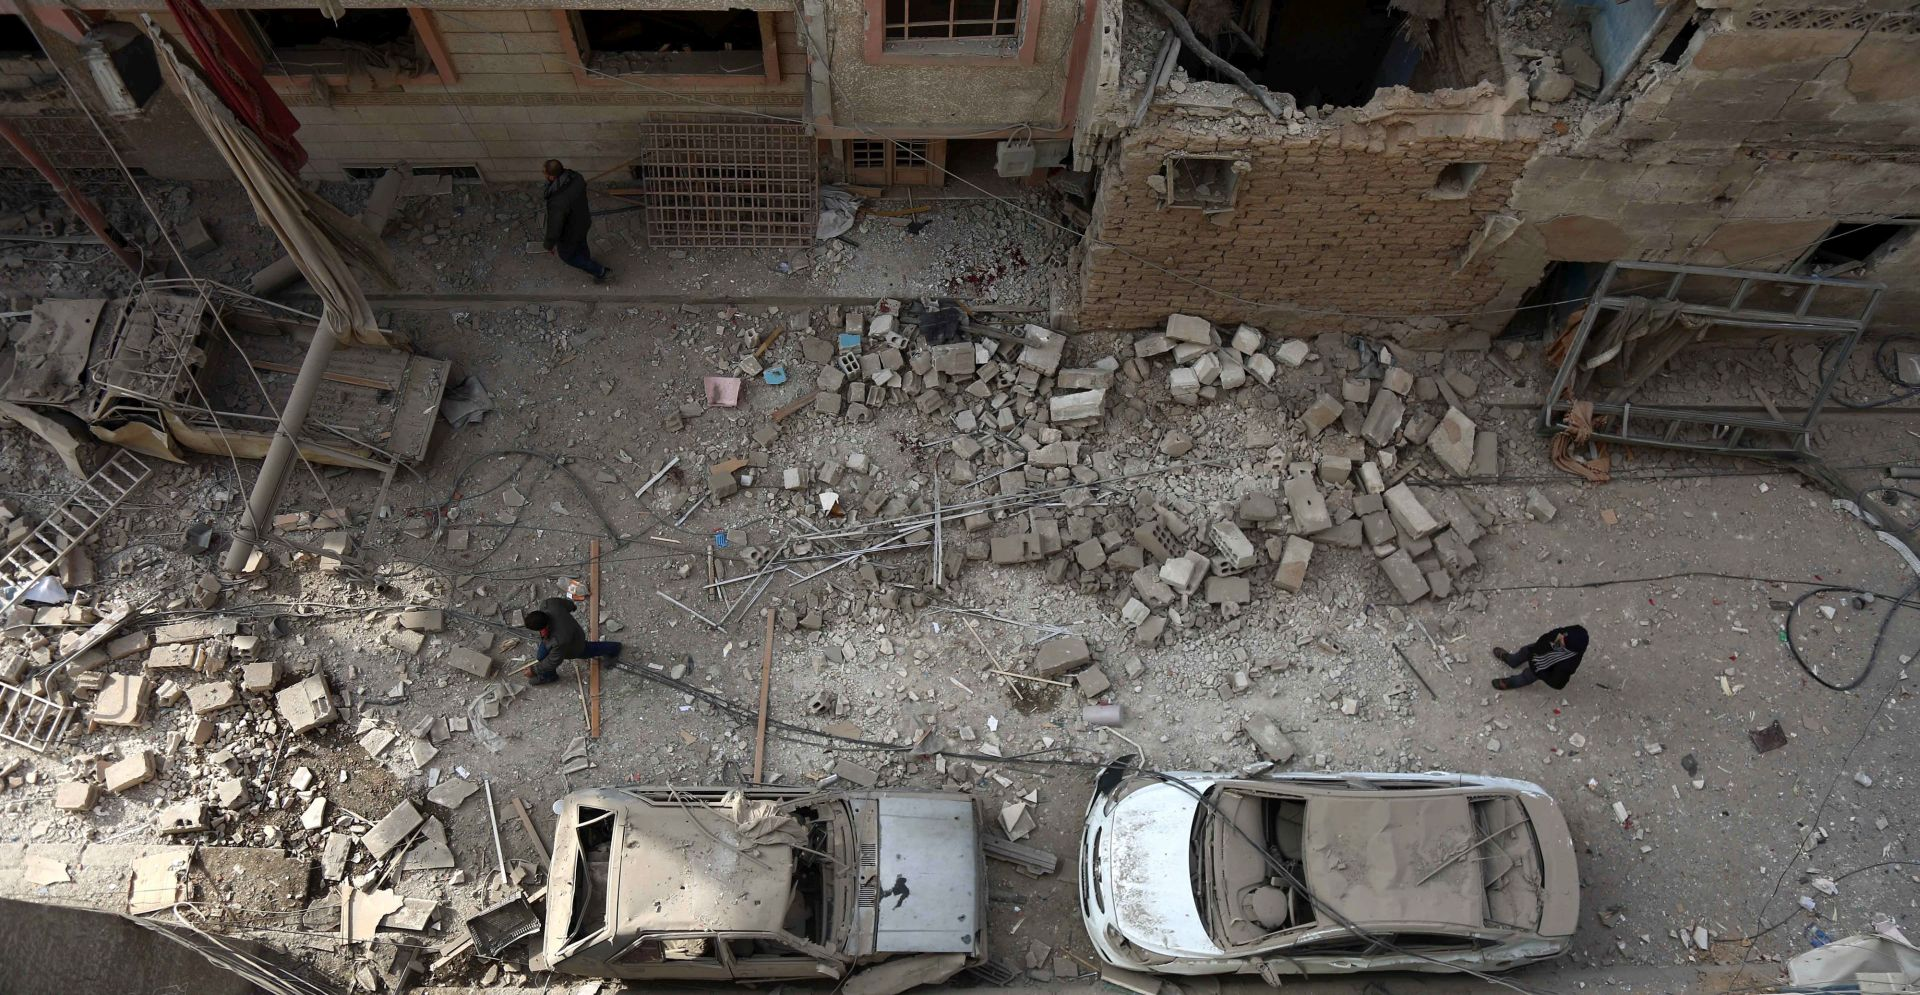 VIDEO: ZRAČNI NAPAD U SIRIJI Ubijeno najmanje 28 civila, među njima i učenici pogođene škole